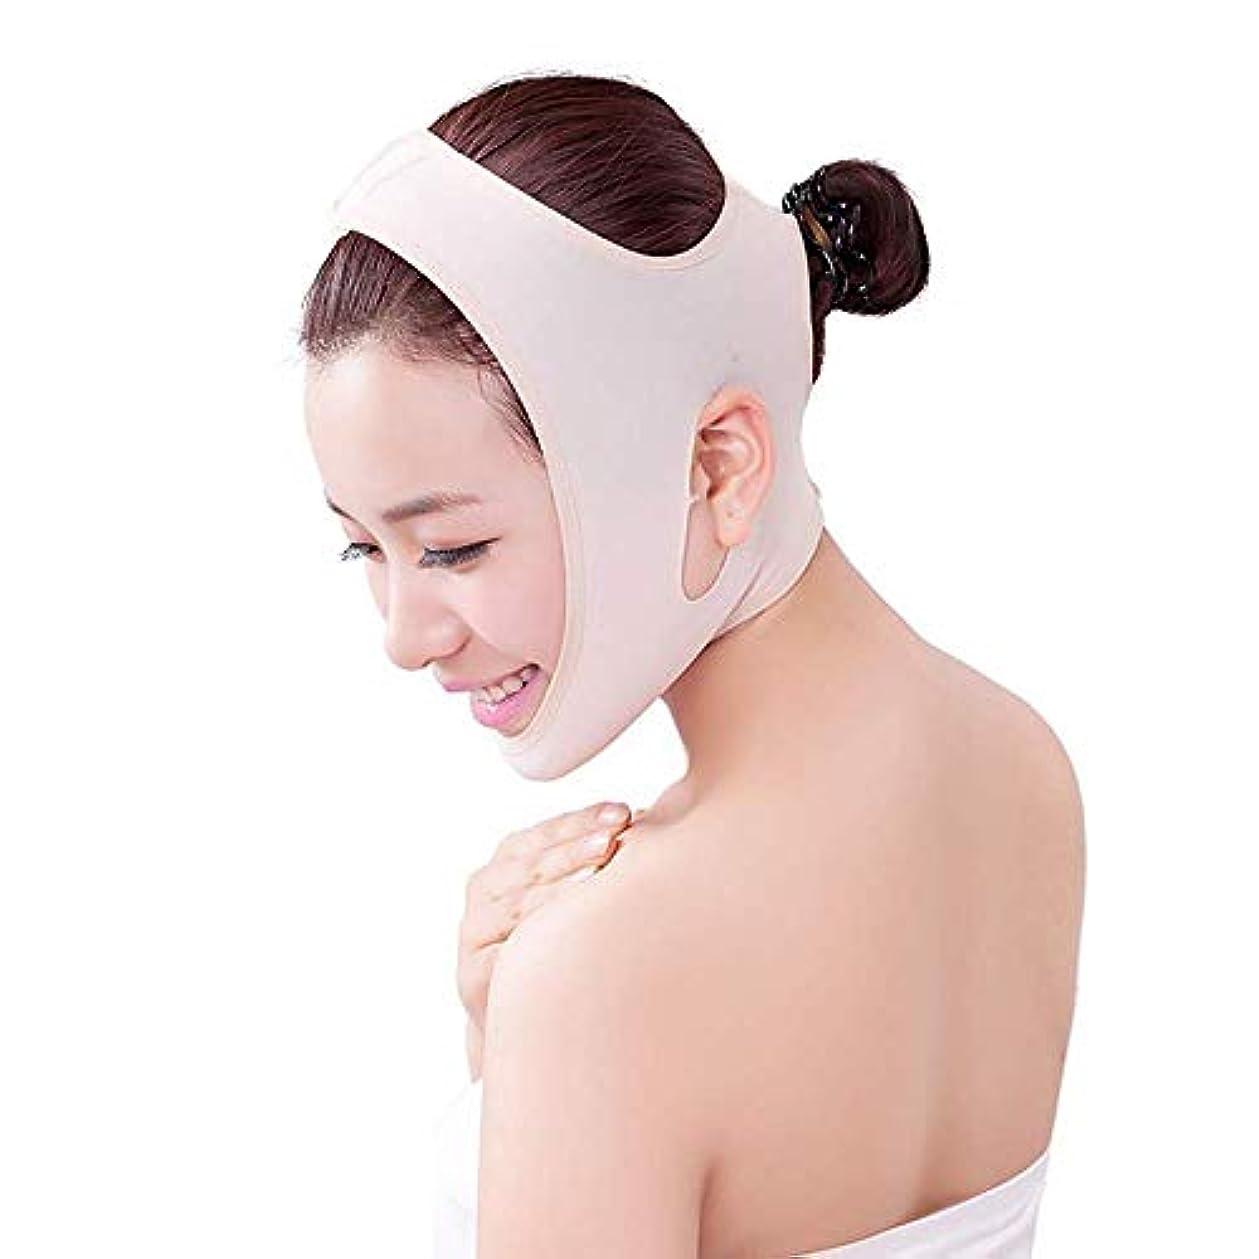 受け入れる相手バケット薄型フェイスベルト - 男性用および女性用の包帯をフランスの顔用リフティングマスク器具に引き締める薄型フェイスVフェイス薄型ダブルチンフェイスリフティングベルト(サイズ:M),S